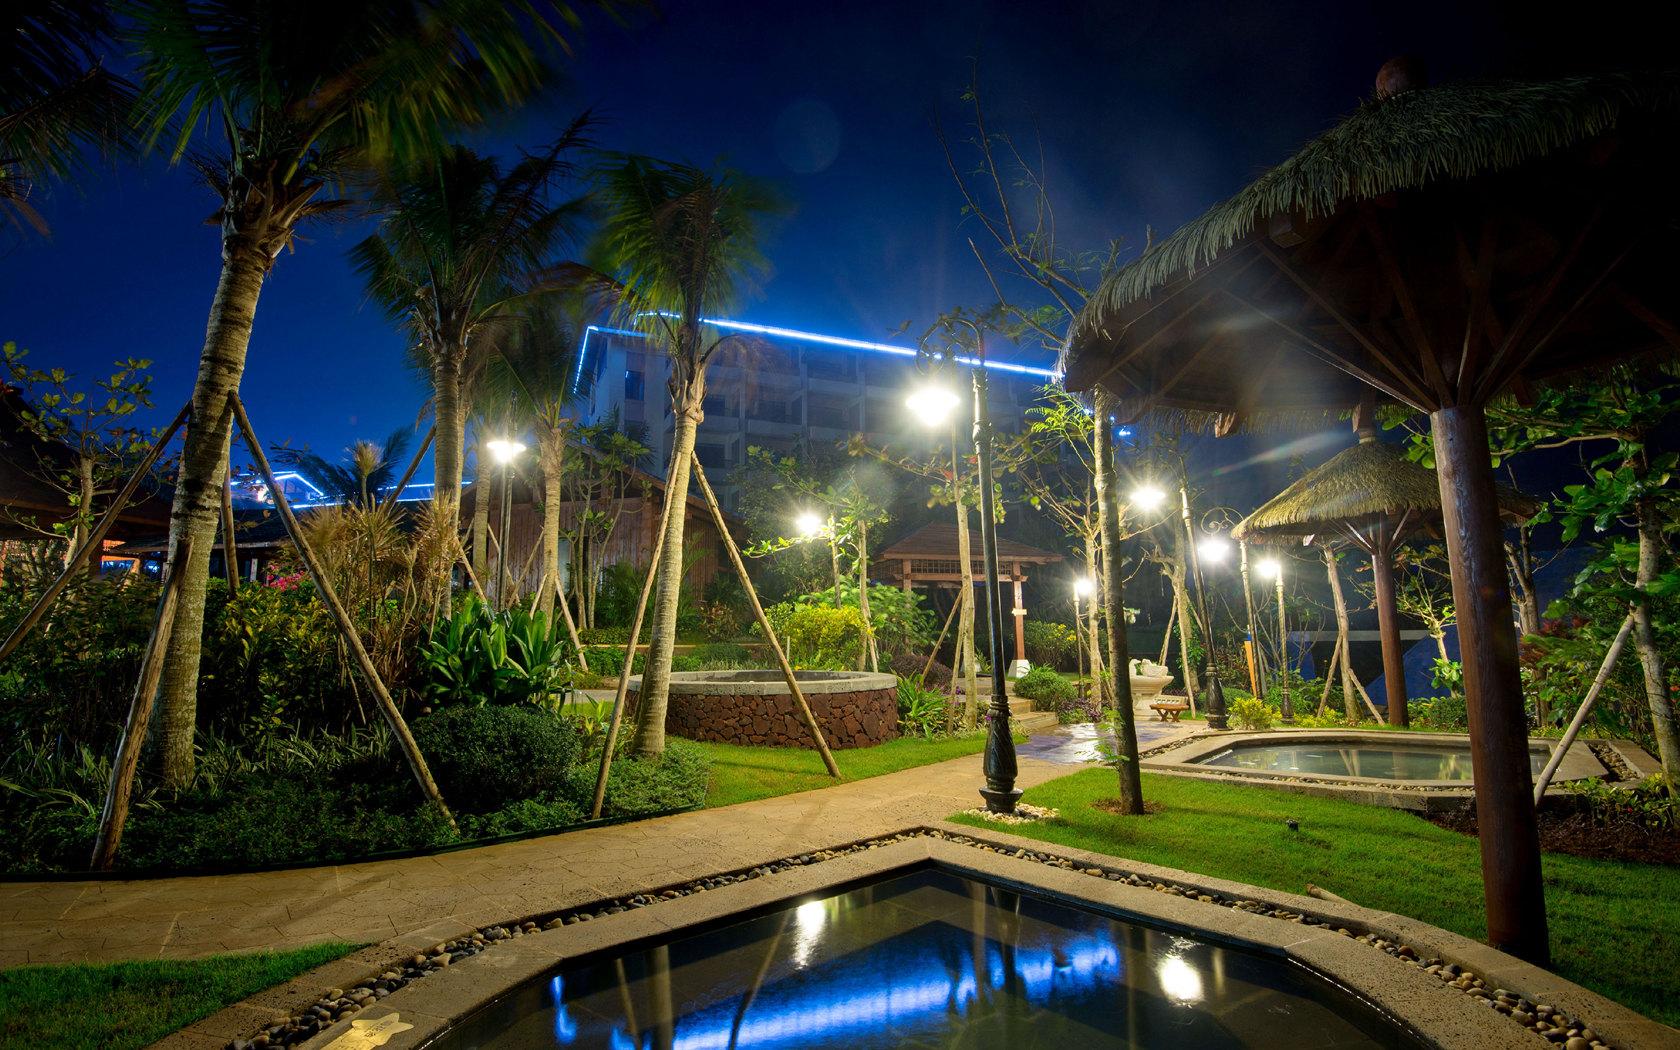 Country Garden Golden Beach Hot Spring Health Club